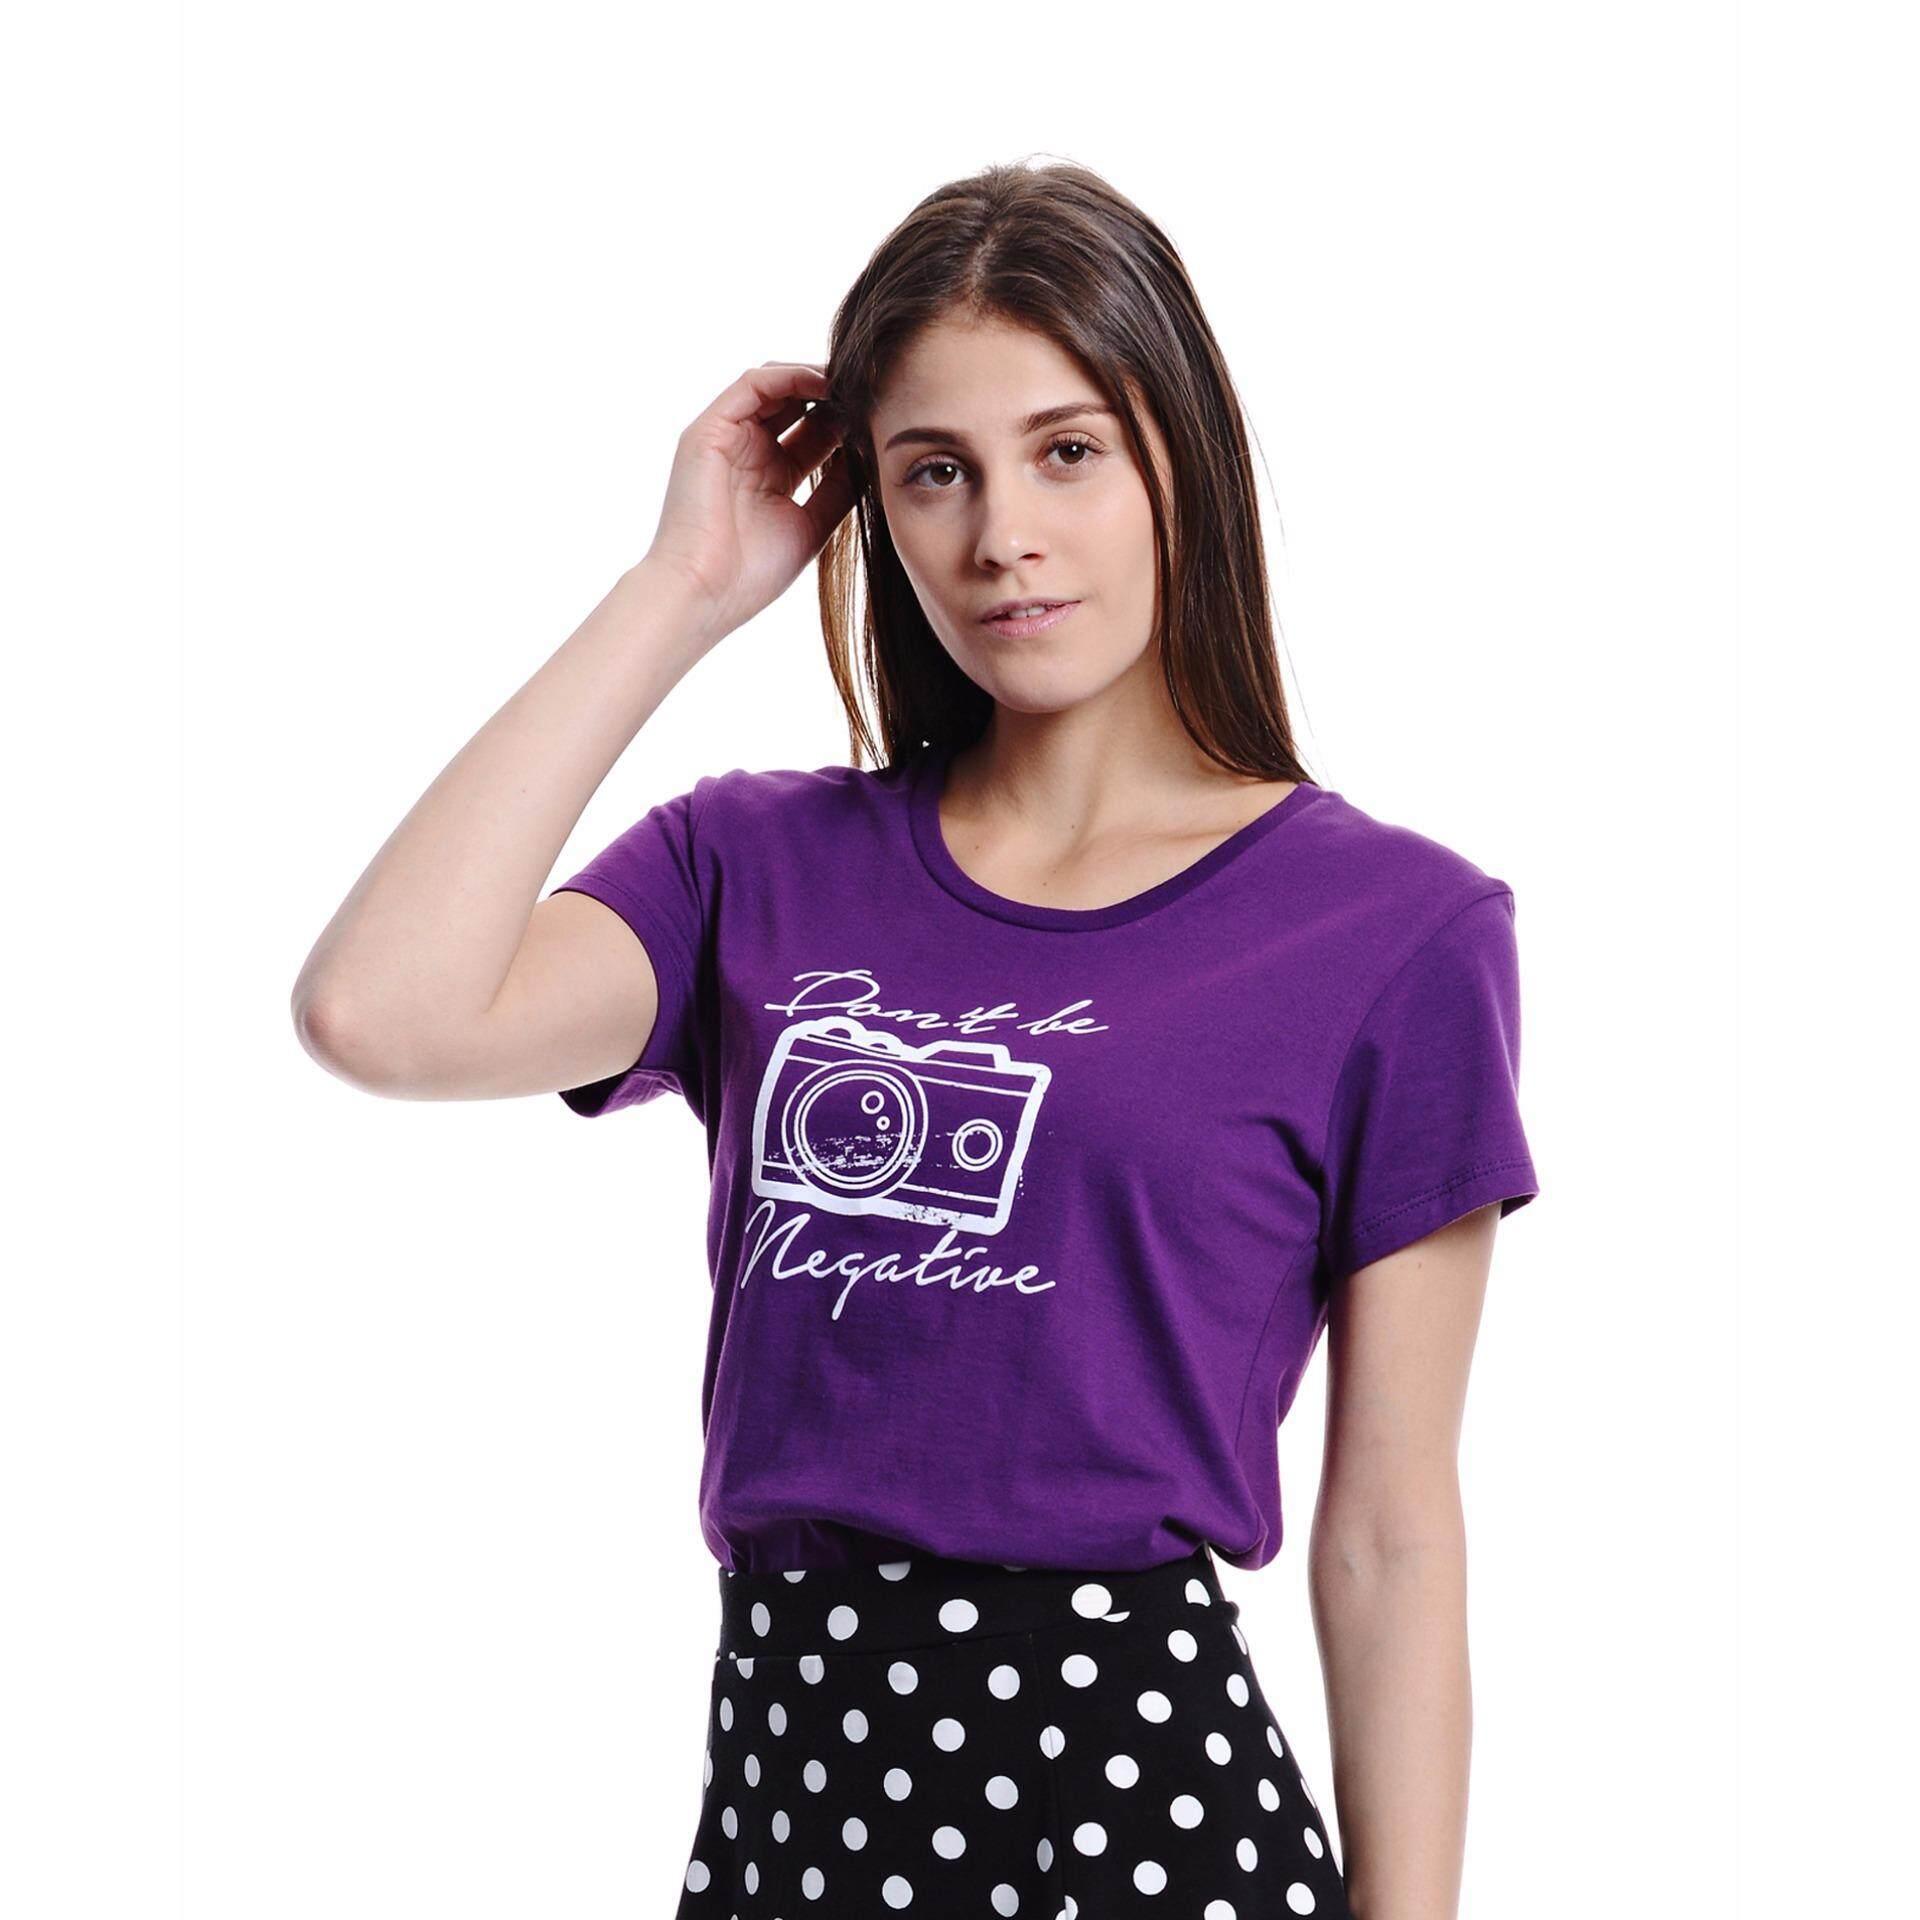 Jazz & Co Women Short Sleeve Round Neck Graphic Tee (Dk Purple)